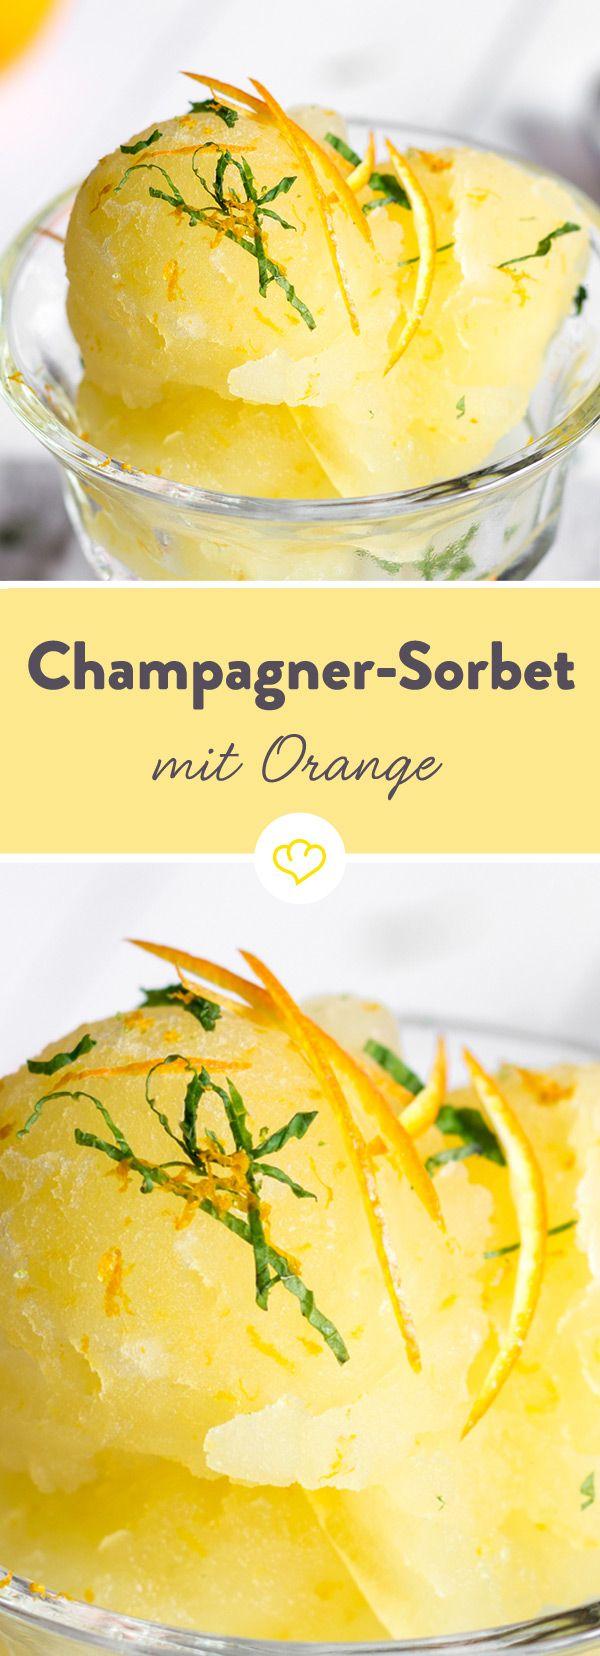 Ein fruchtig-leichtes Sorbet mit ordentlich Schwips - aber mit einem vom Allerfeinsten. Prickelnder Champagner sorgt für Festtagsstimmung auf dem Löffel.